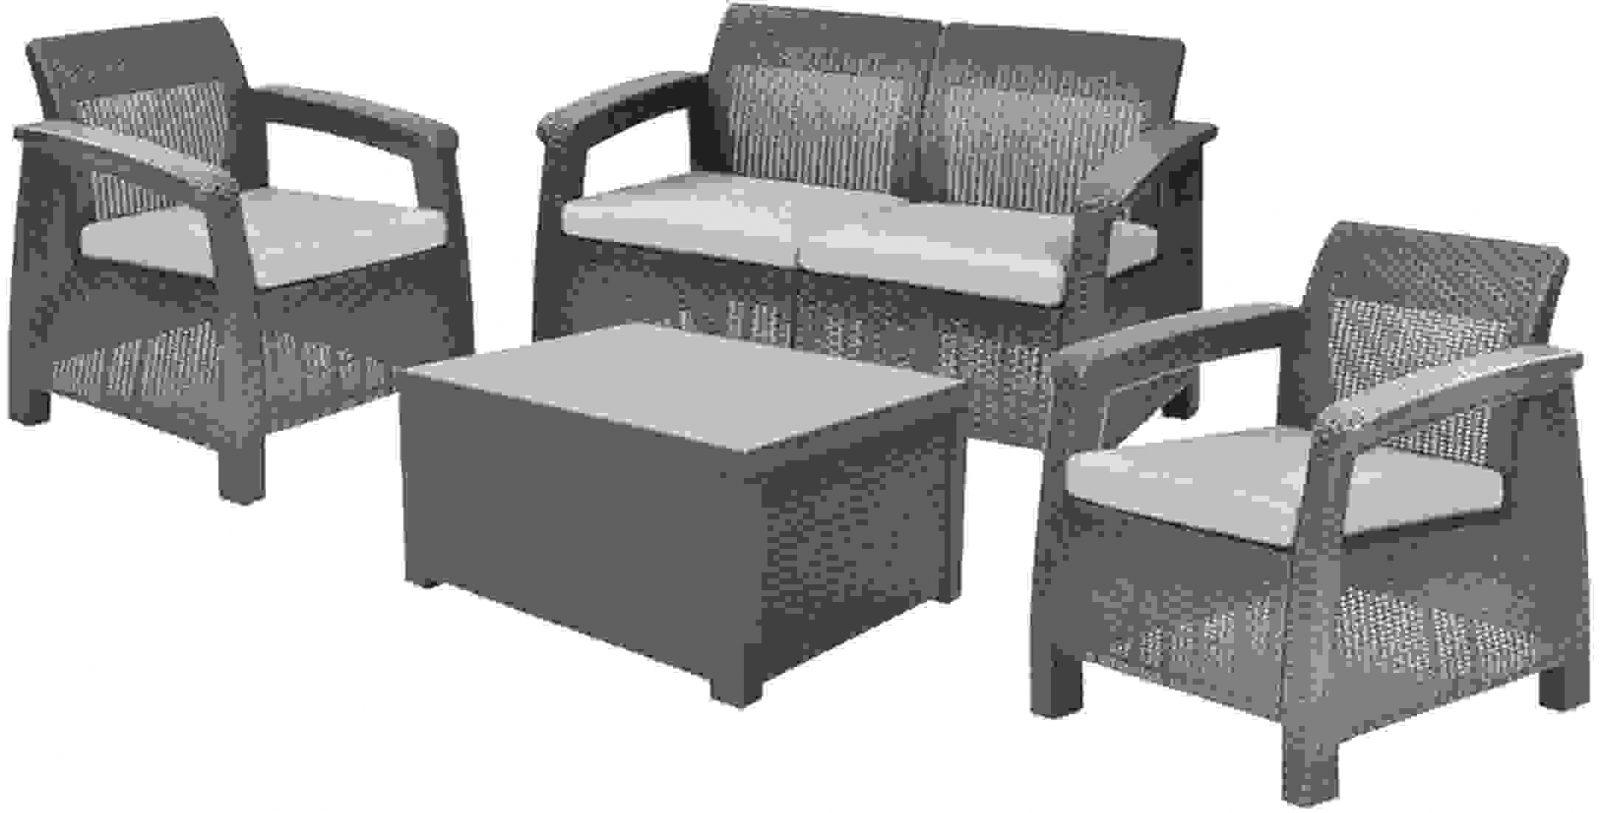 Einzigartig 40 Abdeckung Gartenmöbel Nach Maß Ideen  Einzigartiger von Abdeckung Gartenmöbel Nach Maß Bild